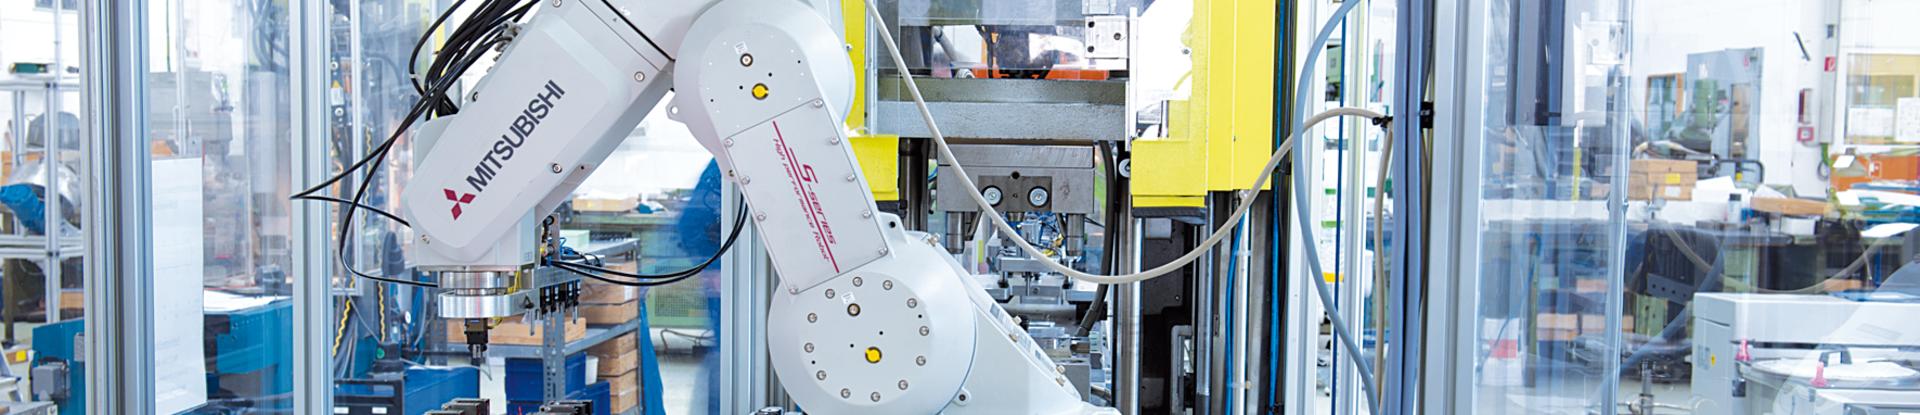 Vollautomatische Umspritzanlage mit Roboter-Teilezuführung in Spritzautomat